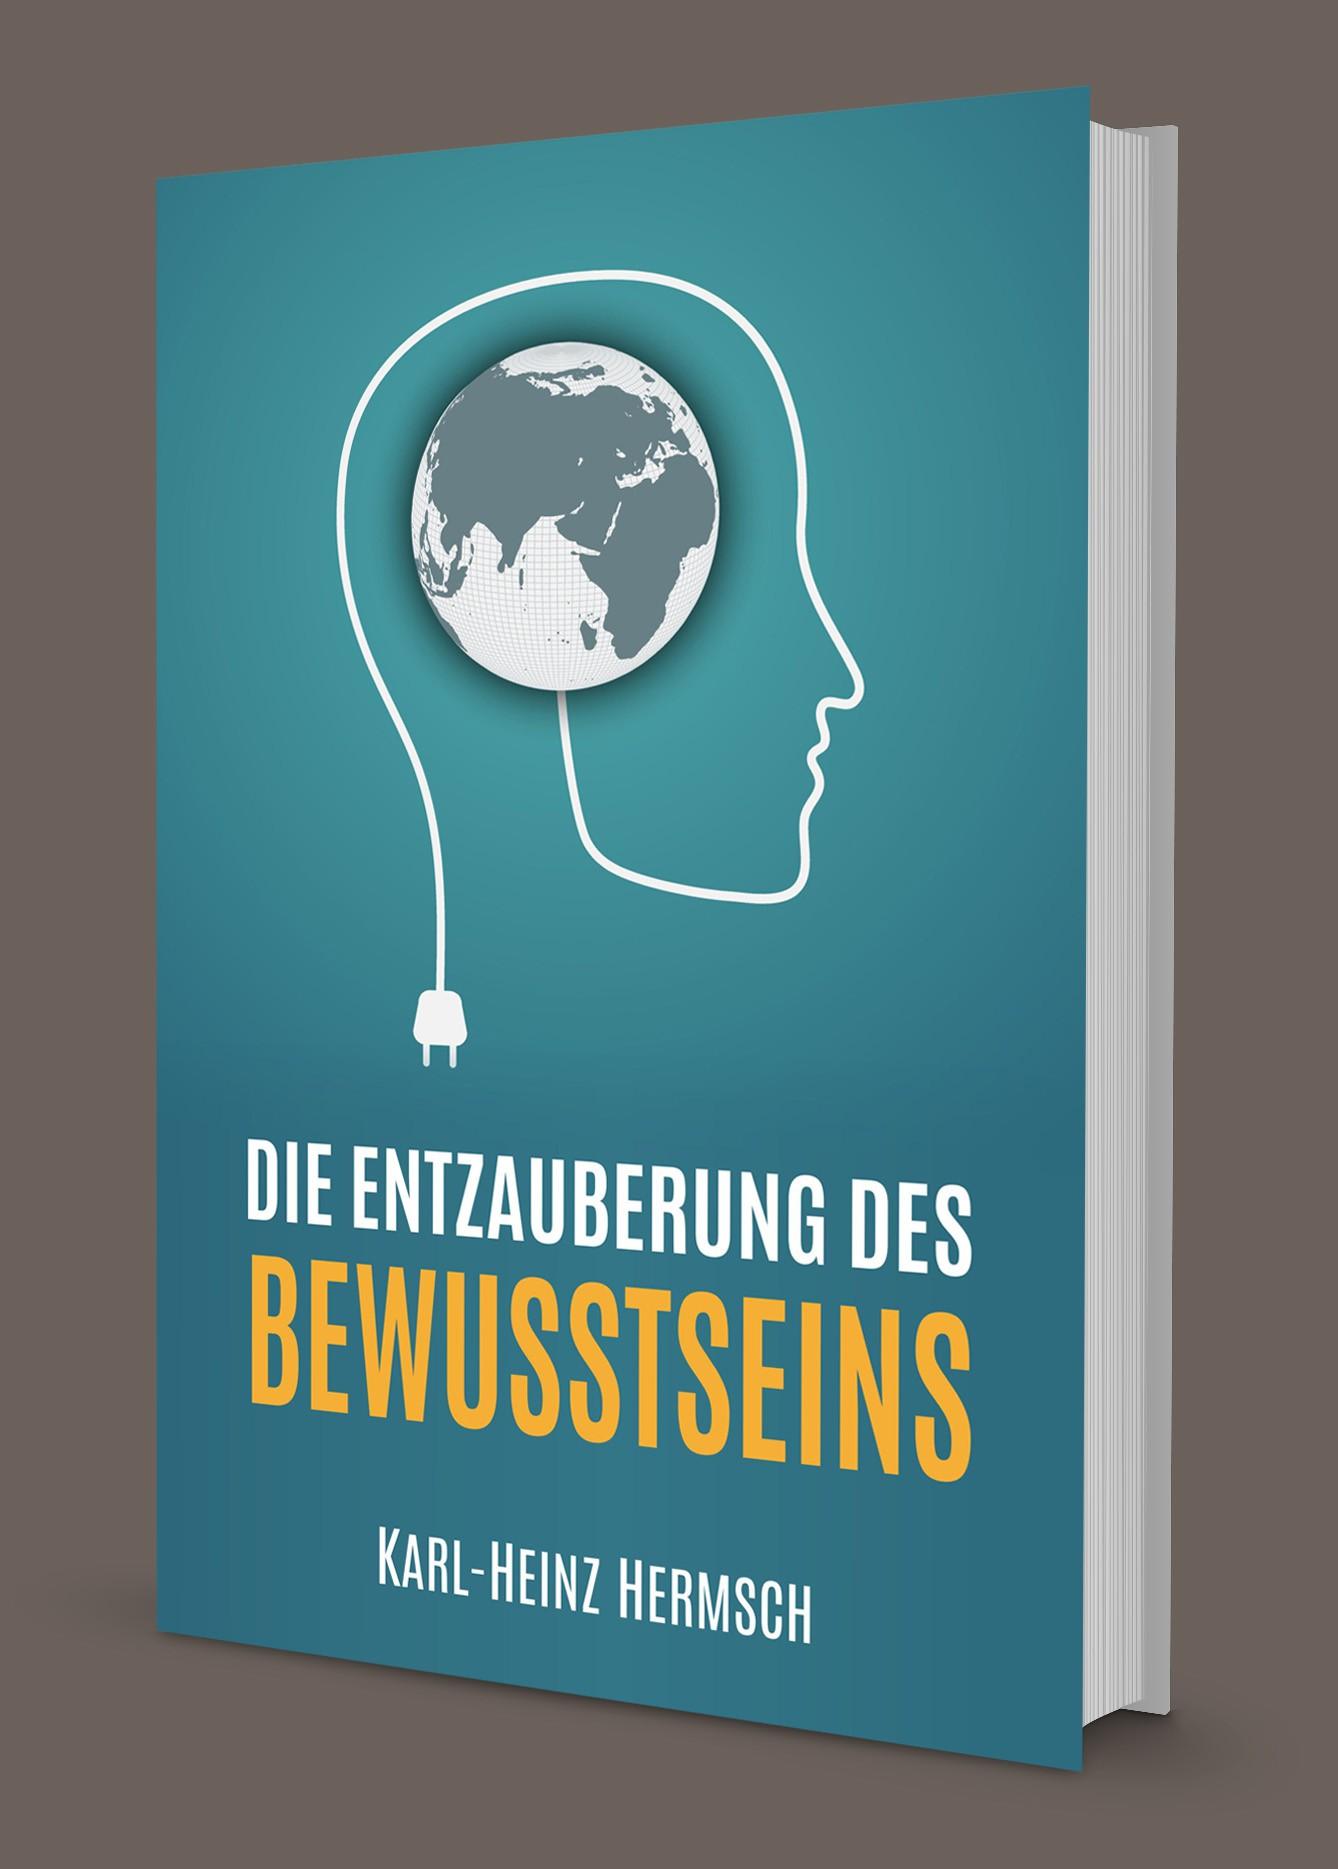 """Cover für mein neues Buch """"Die Entzauberung des Bewusstseins"""""""